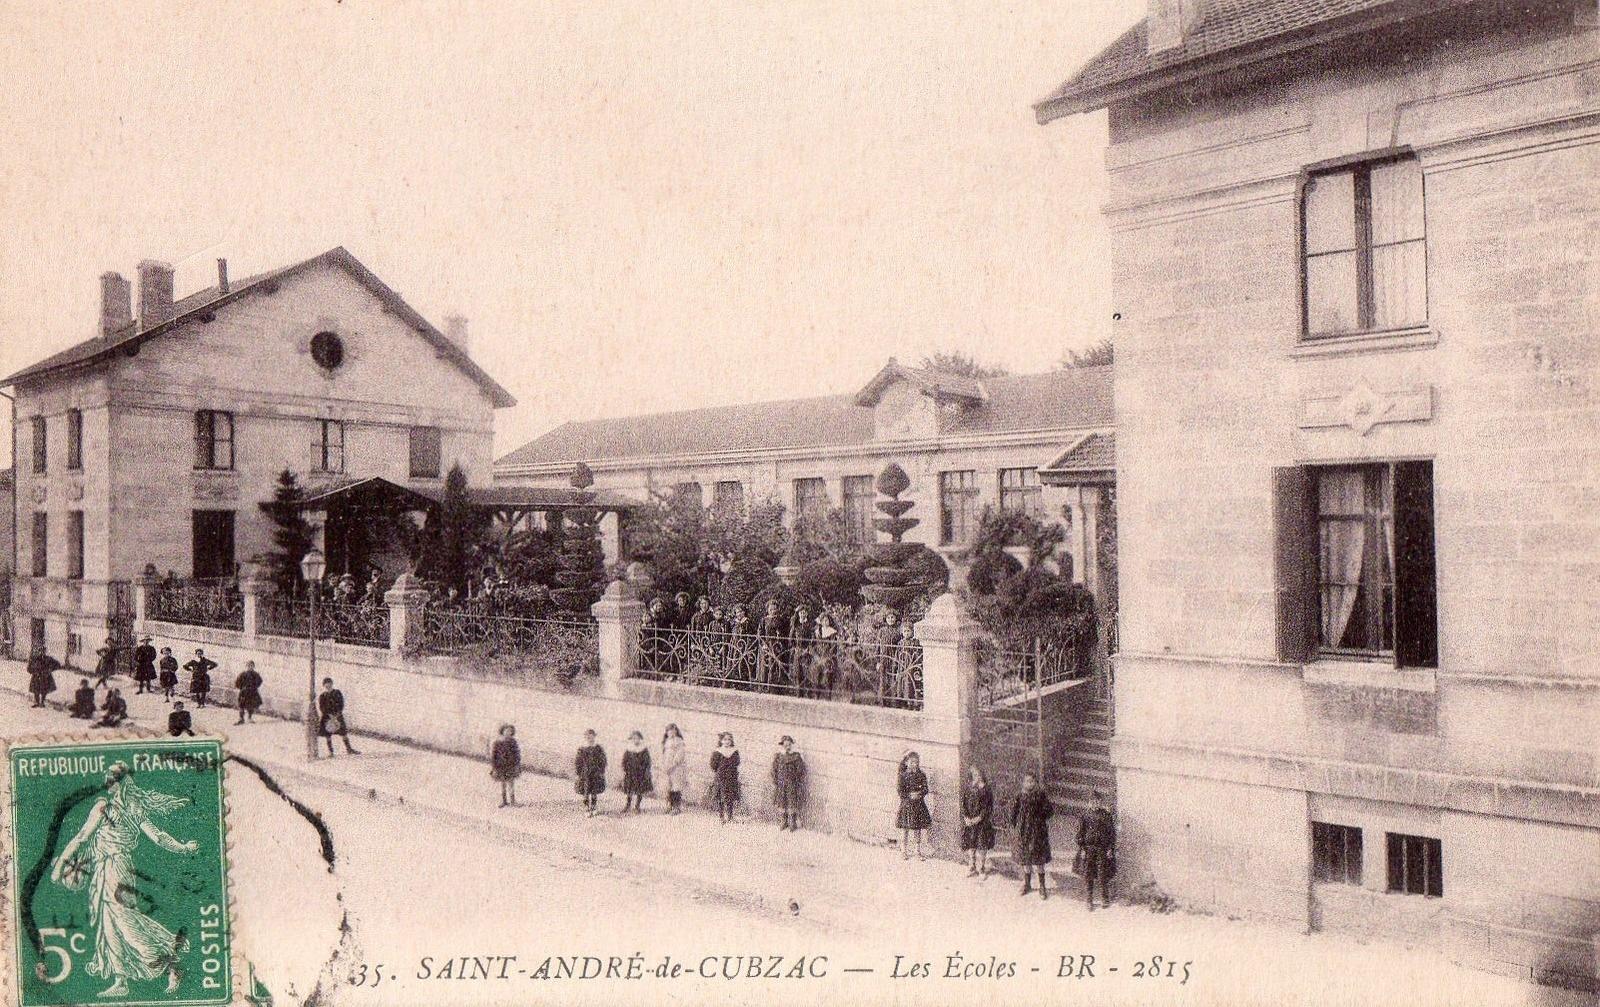 Projet Piscine Saint Andre De Cubzac ville de saint-andré-de-cubzac, la mairie de saint-andré-de